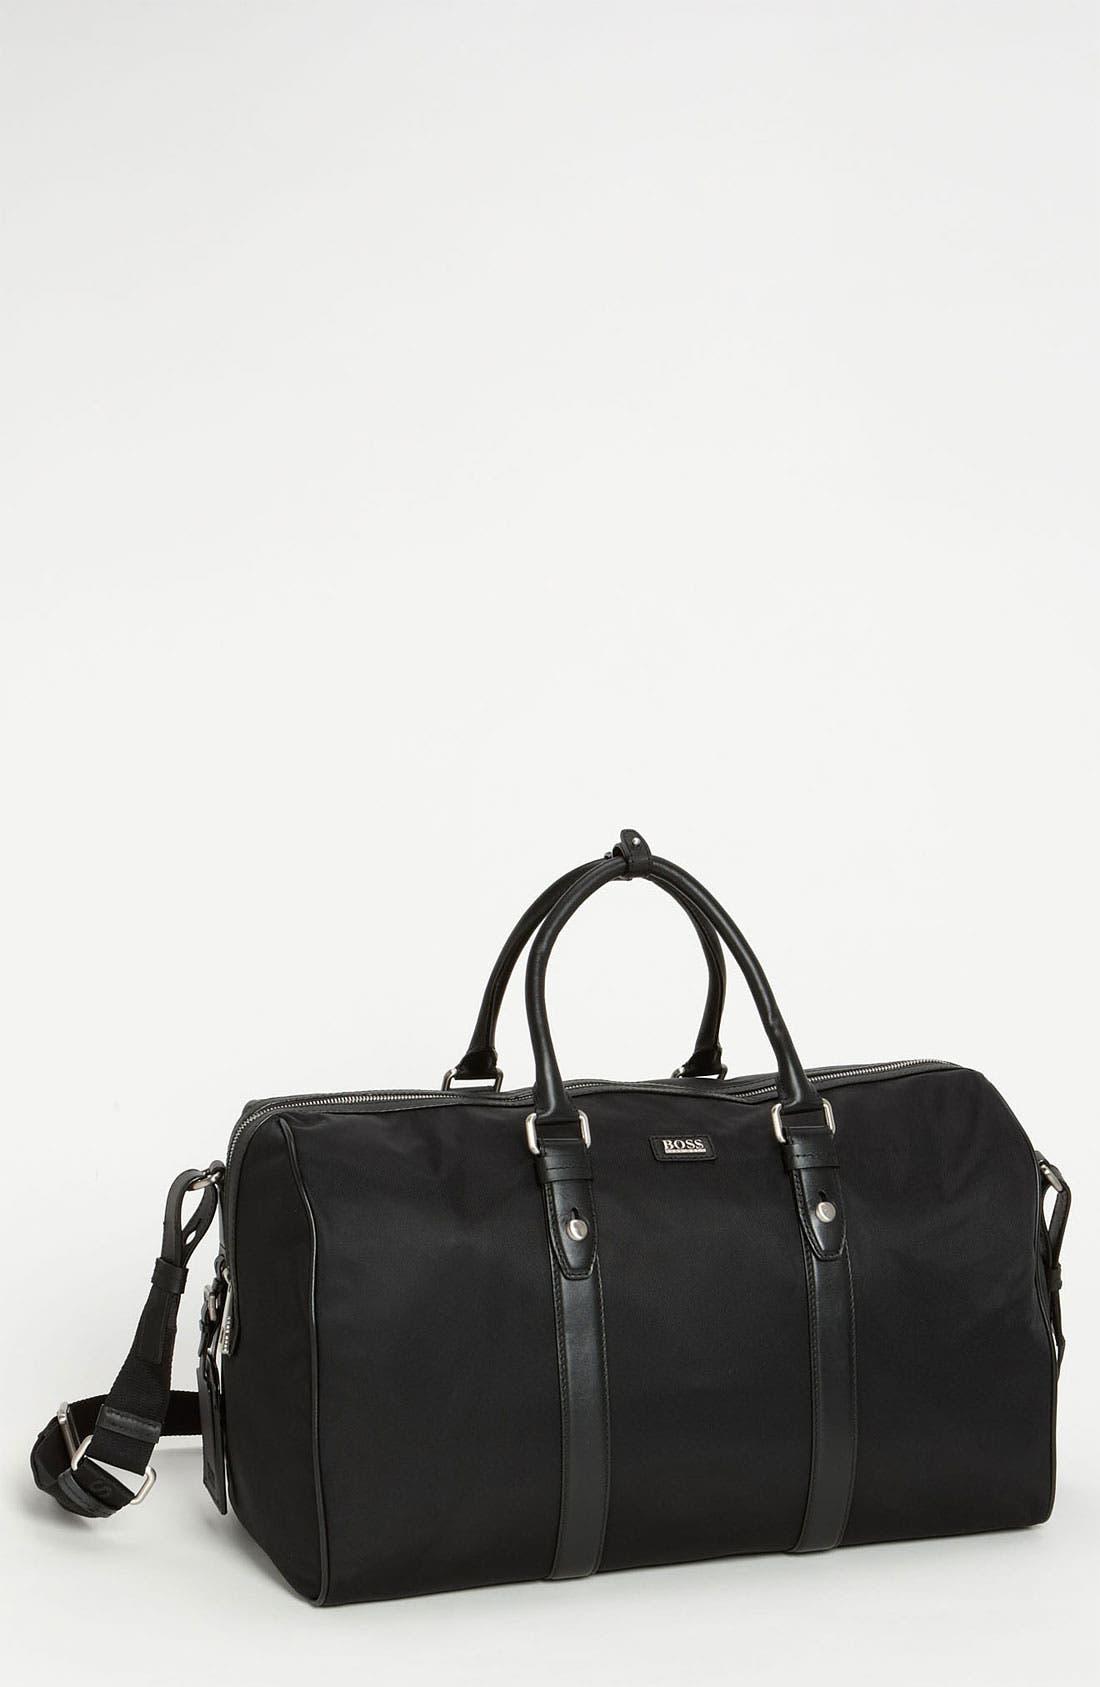 Main Image - BOSS Black 'Teddi' Duffel Bag